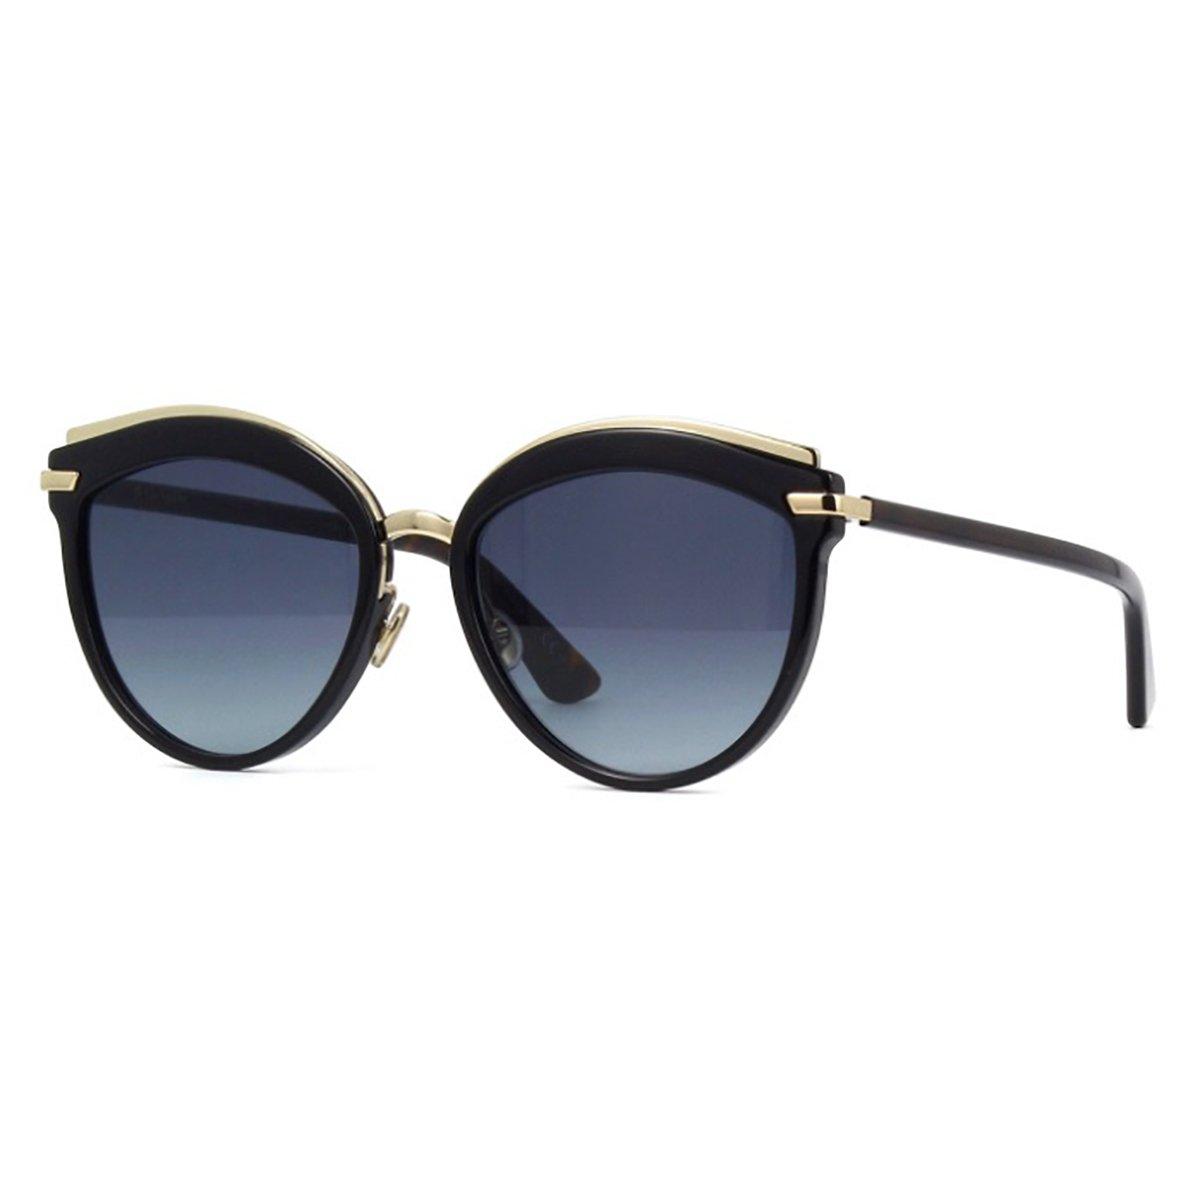 f4db67fc07beb Compre Óculos de Sol Dior Offset 2 em 10X